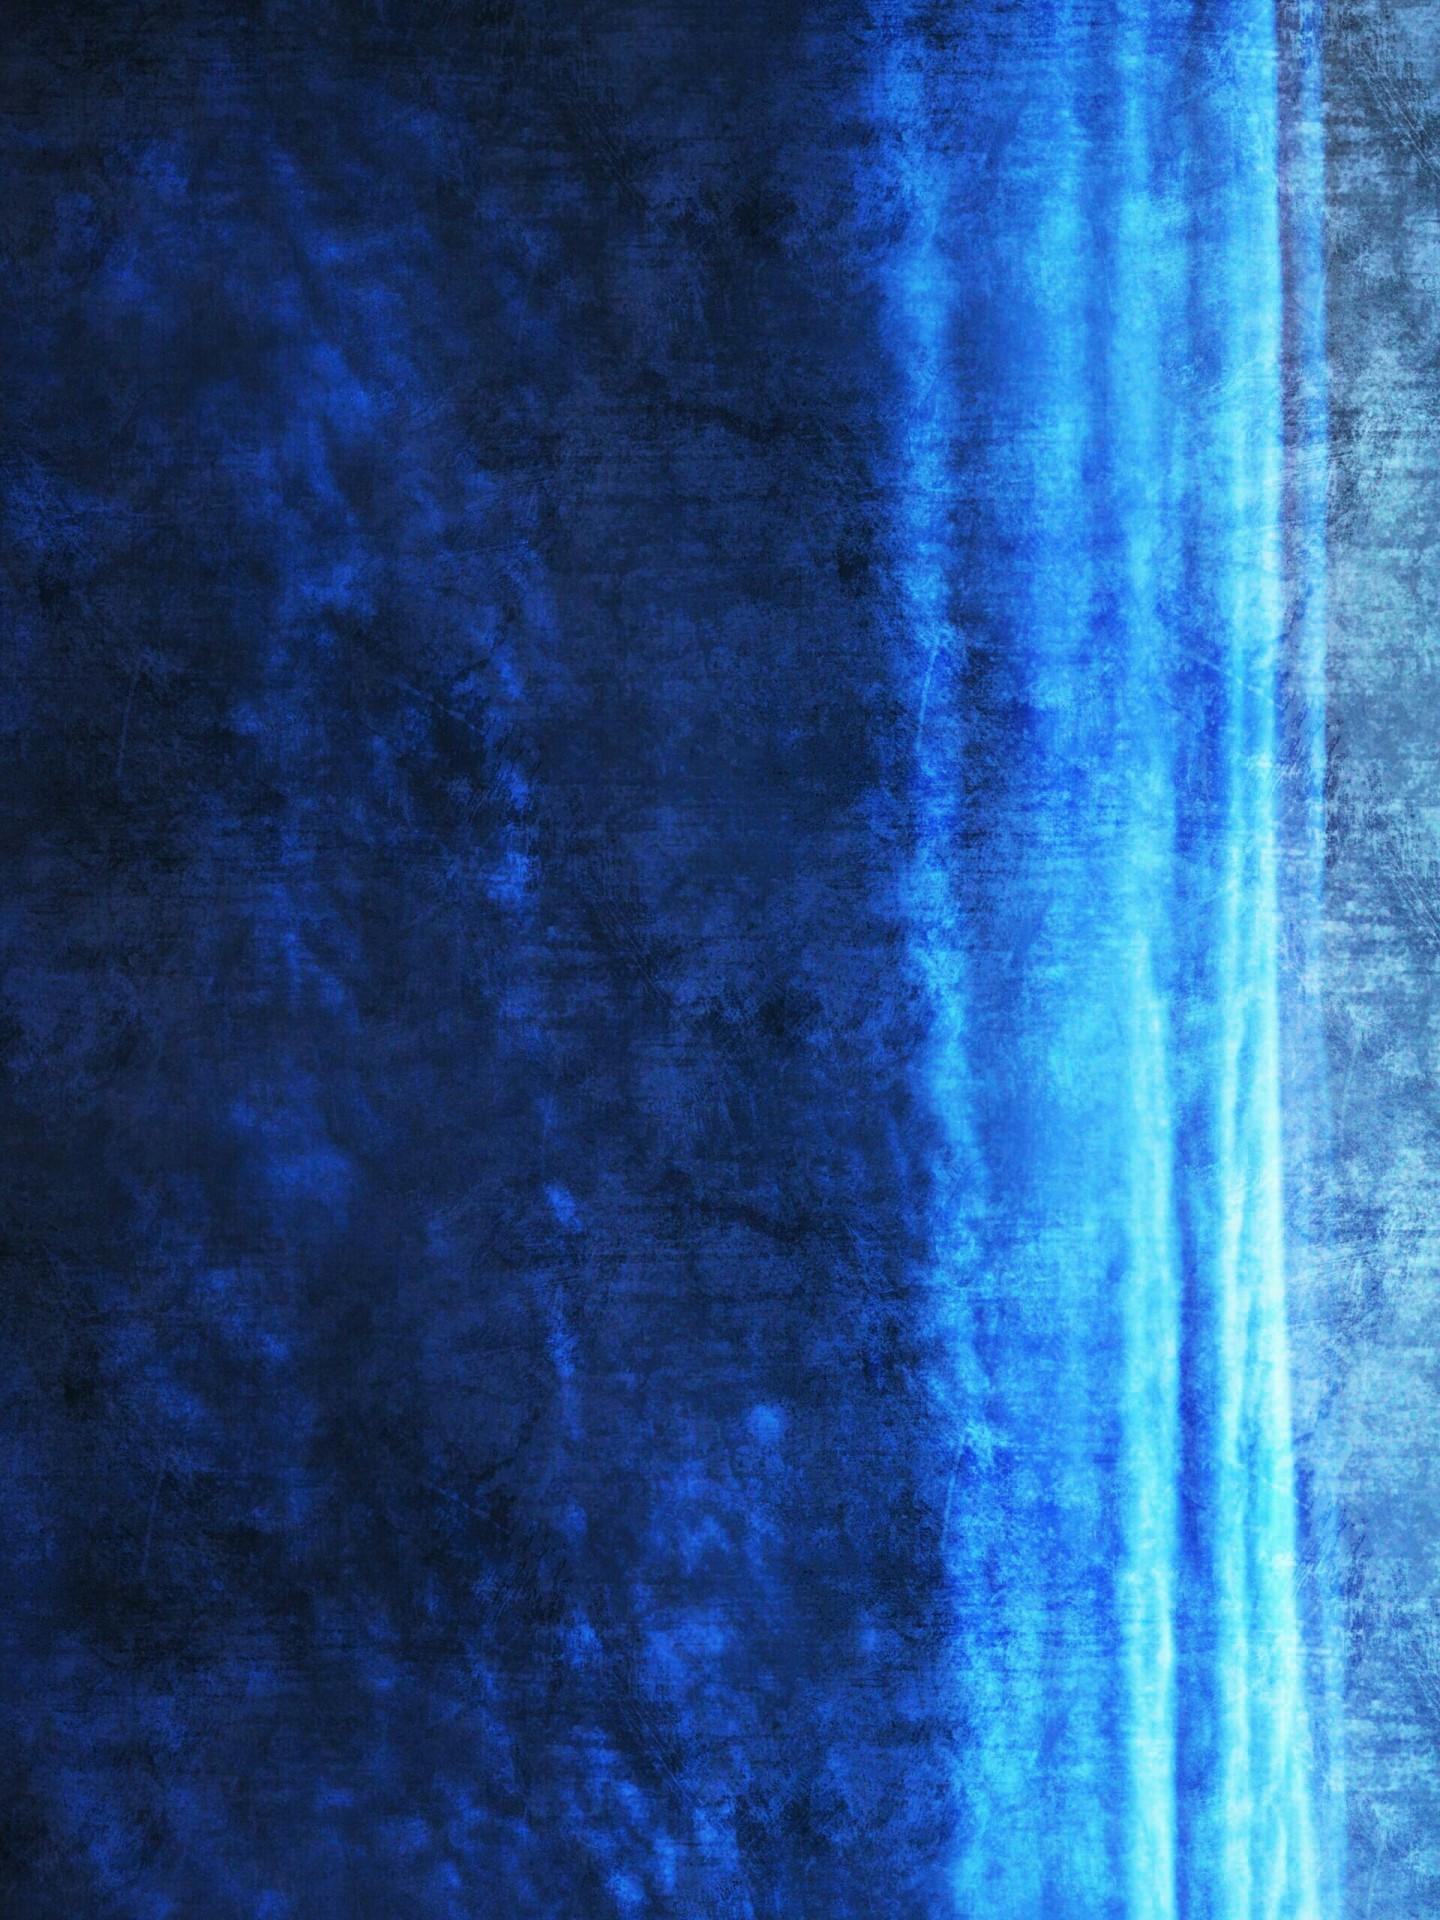 I like blue no.79